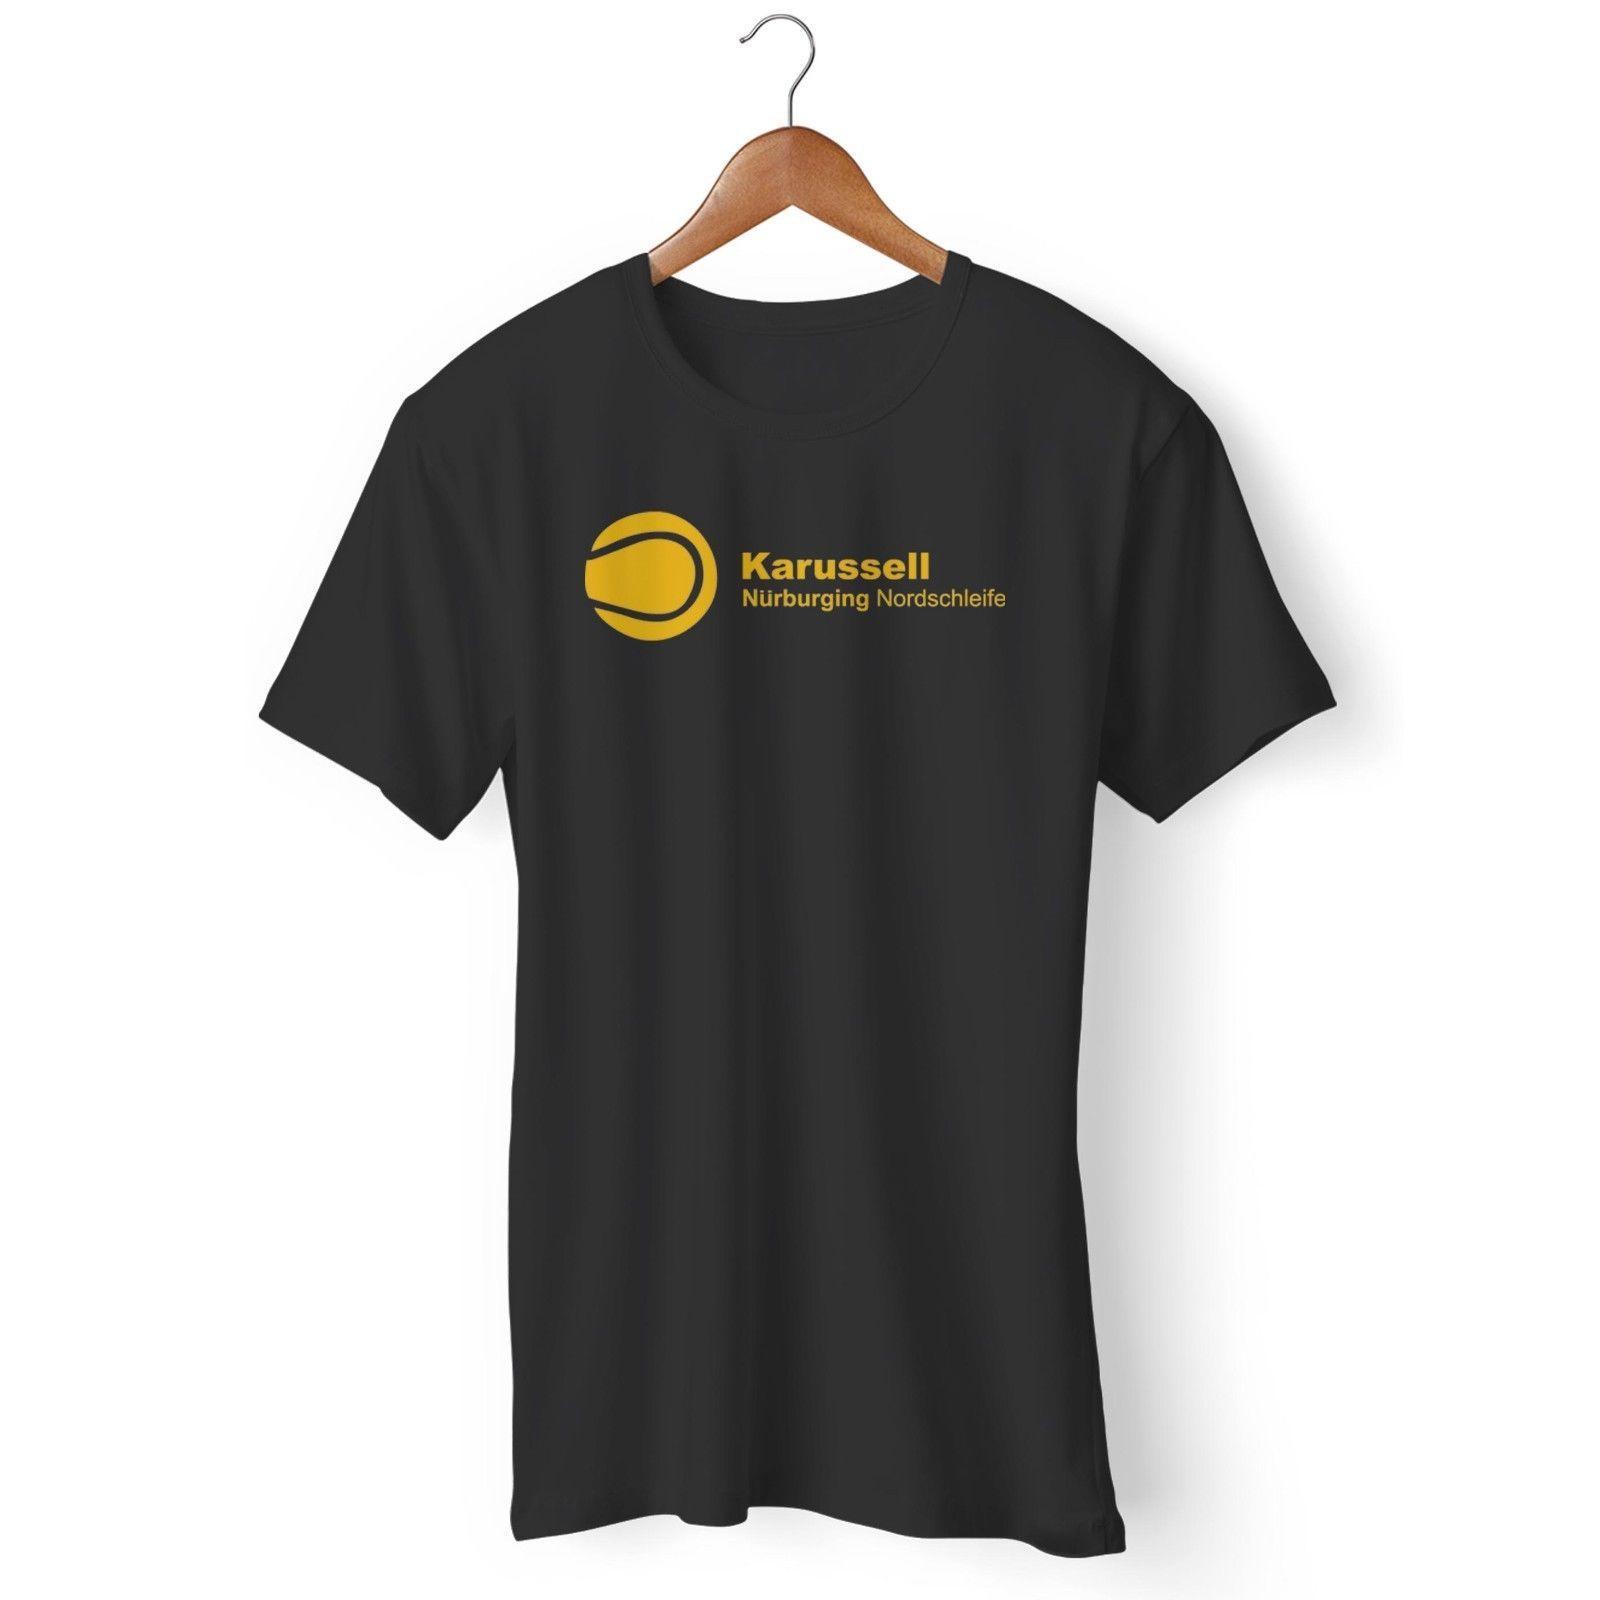 Karussell Nurburgring Nordschleife F1 Formel Deutschland Mann T Shirt Der Frau Lustiges Freies Verschiffen Unisex Beiläufige T Stück